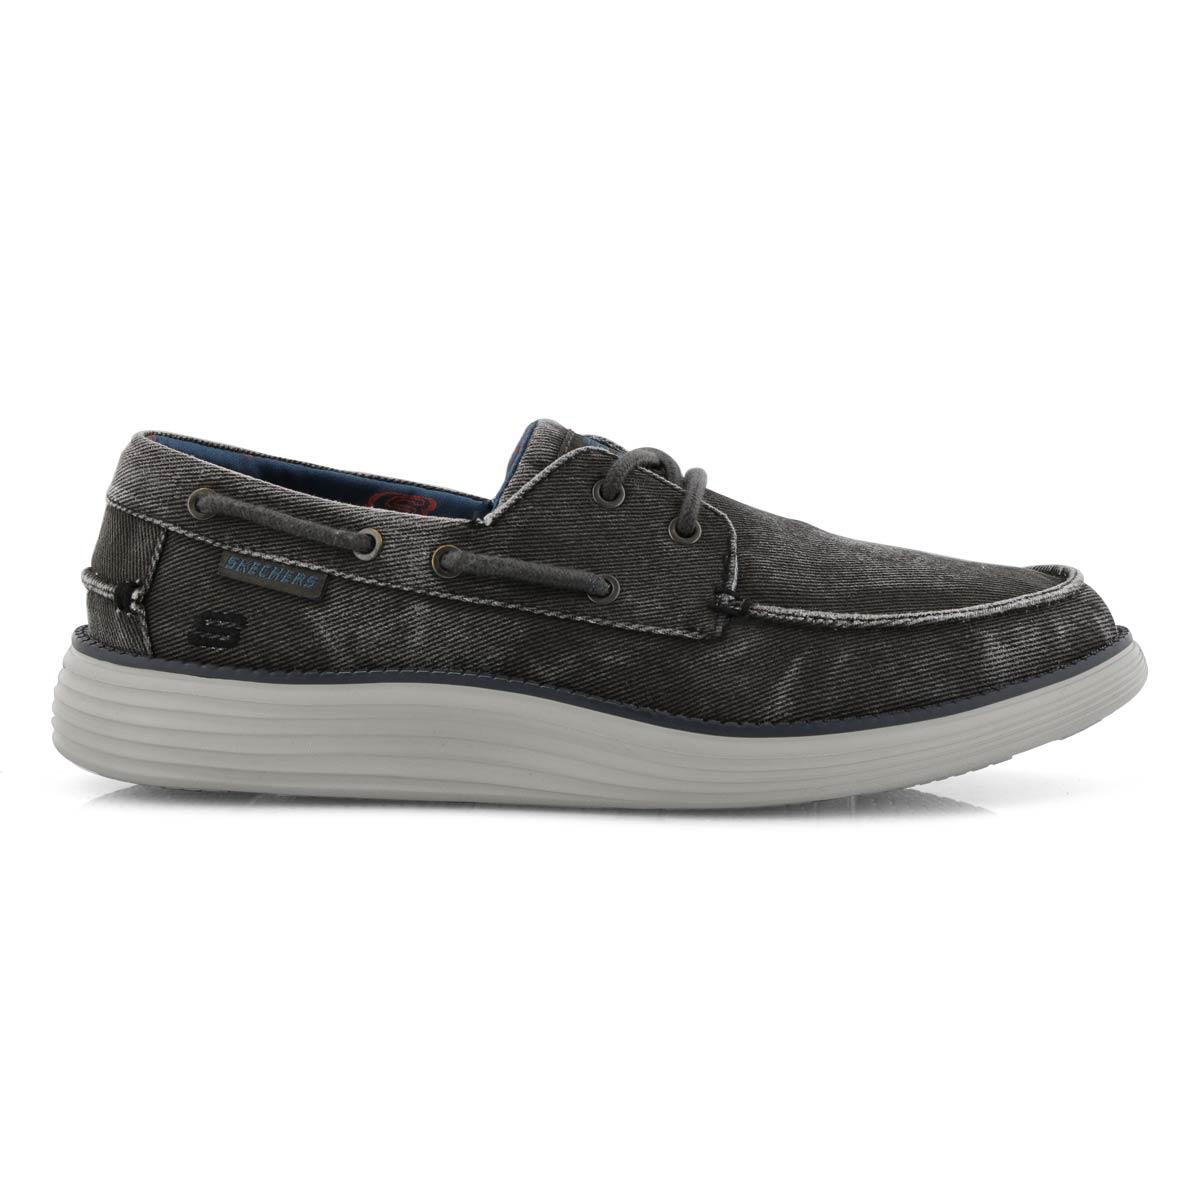 Mns Status 2.0 Lorano blk boat shoe